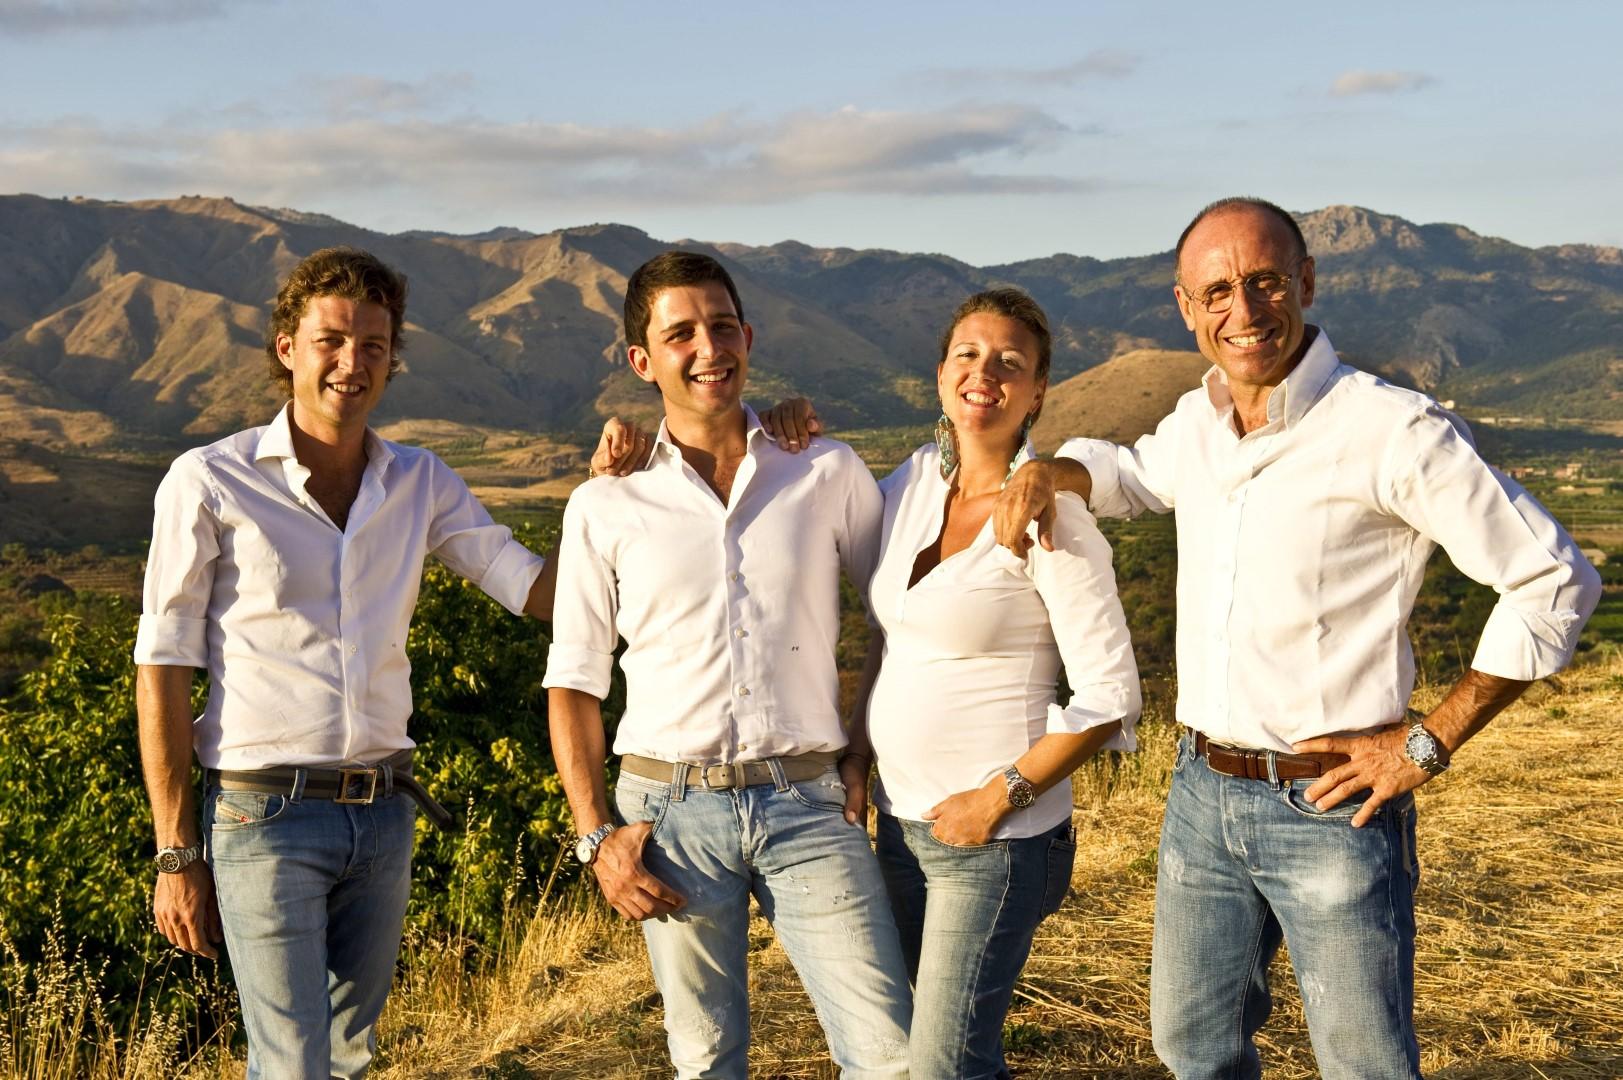 Cottanera vini Etna Sicilia